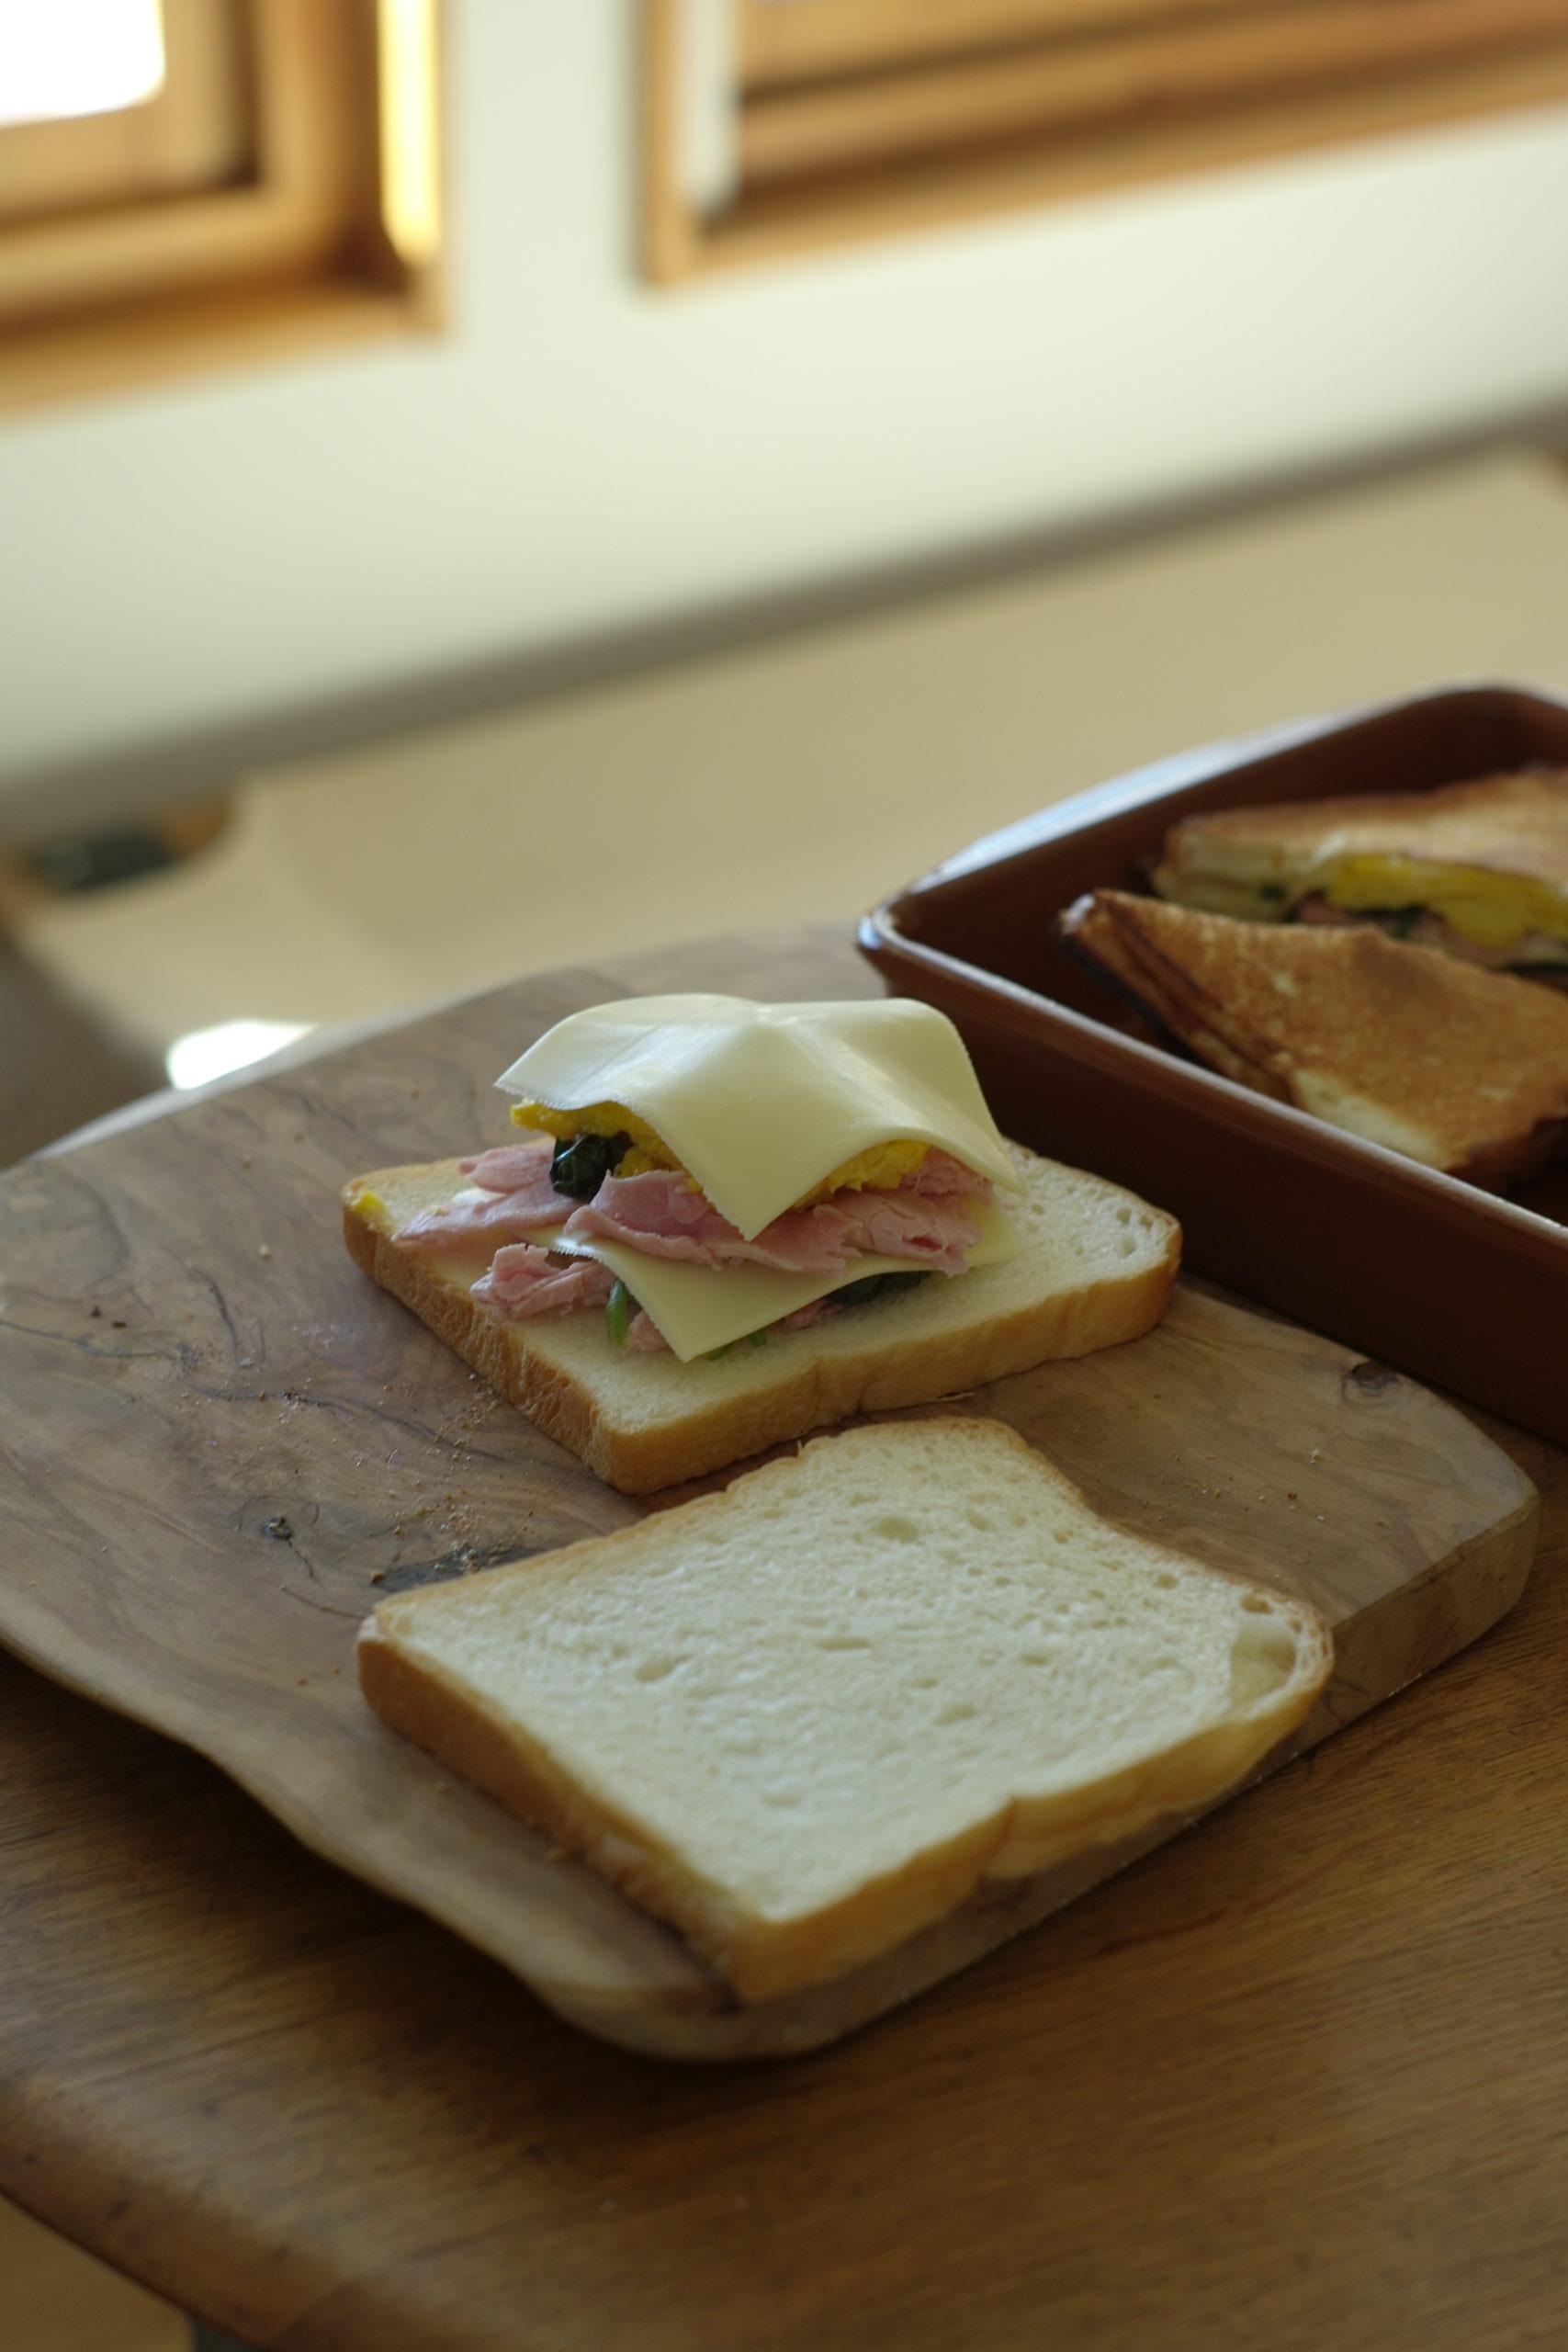 イタリアンシェフ・相場正一郎が選ぶ「家族の食事を楽しくするベストアイテム」